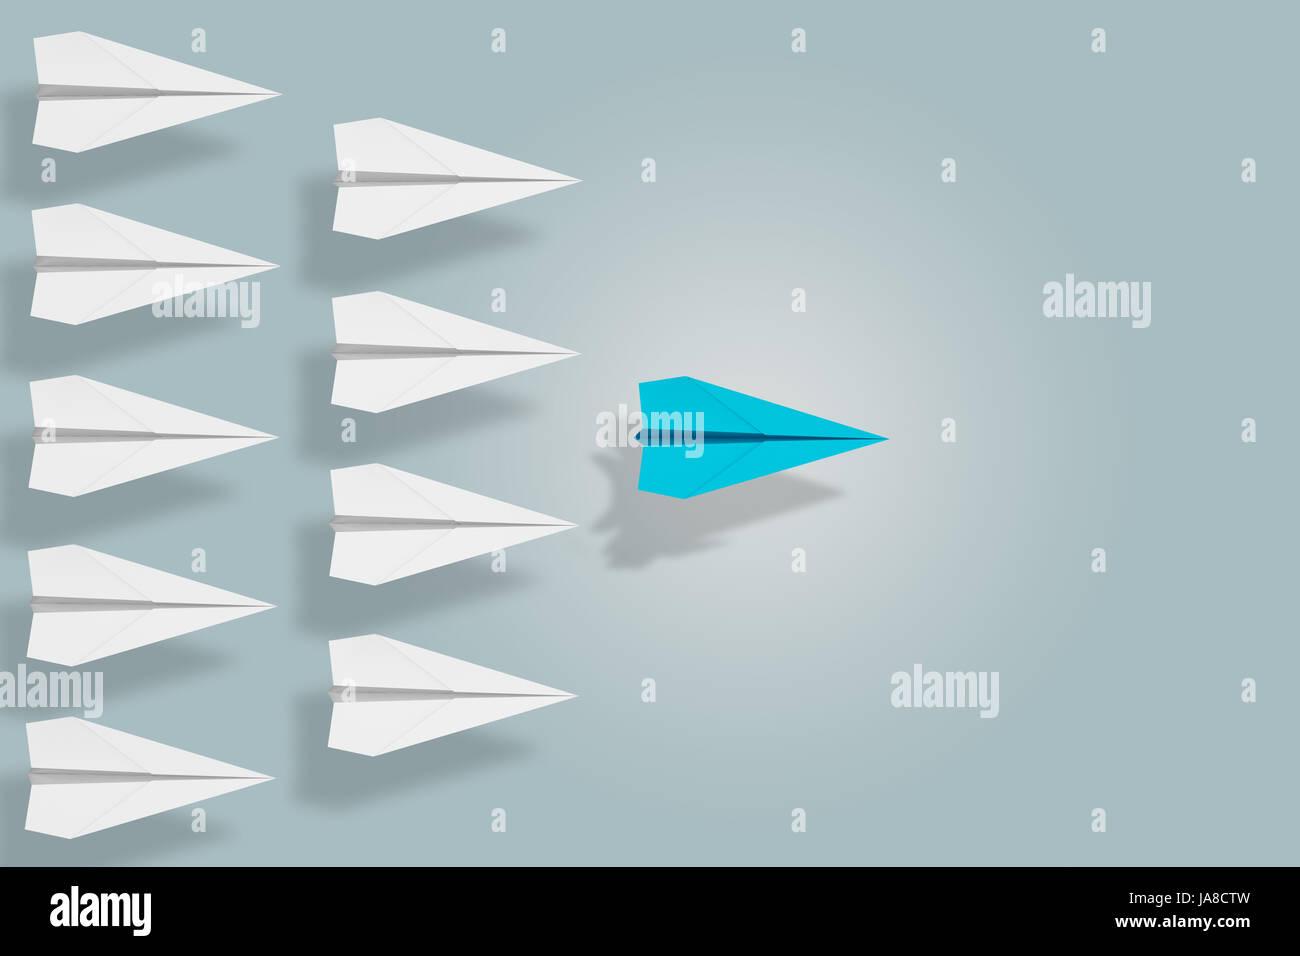 L'ambition et de leadership avec concept paper plane. Le rendu 3D Photo Stock